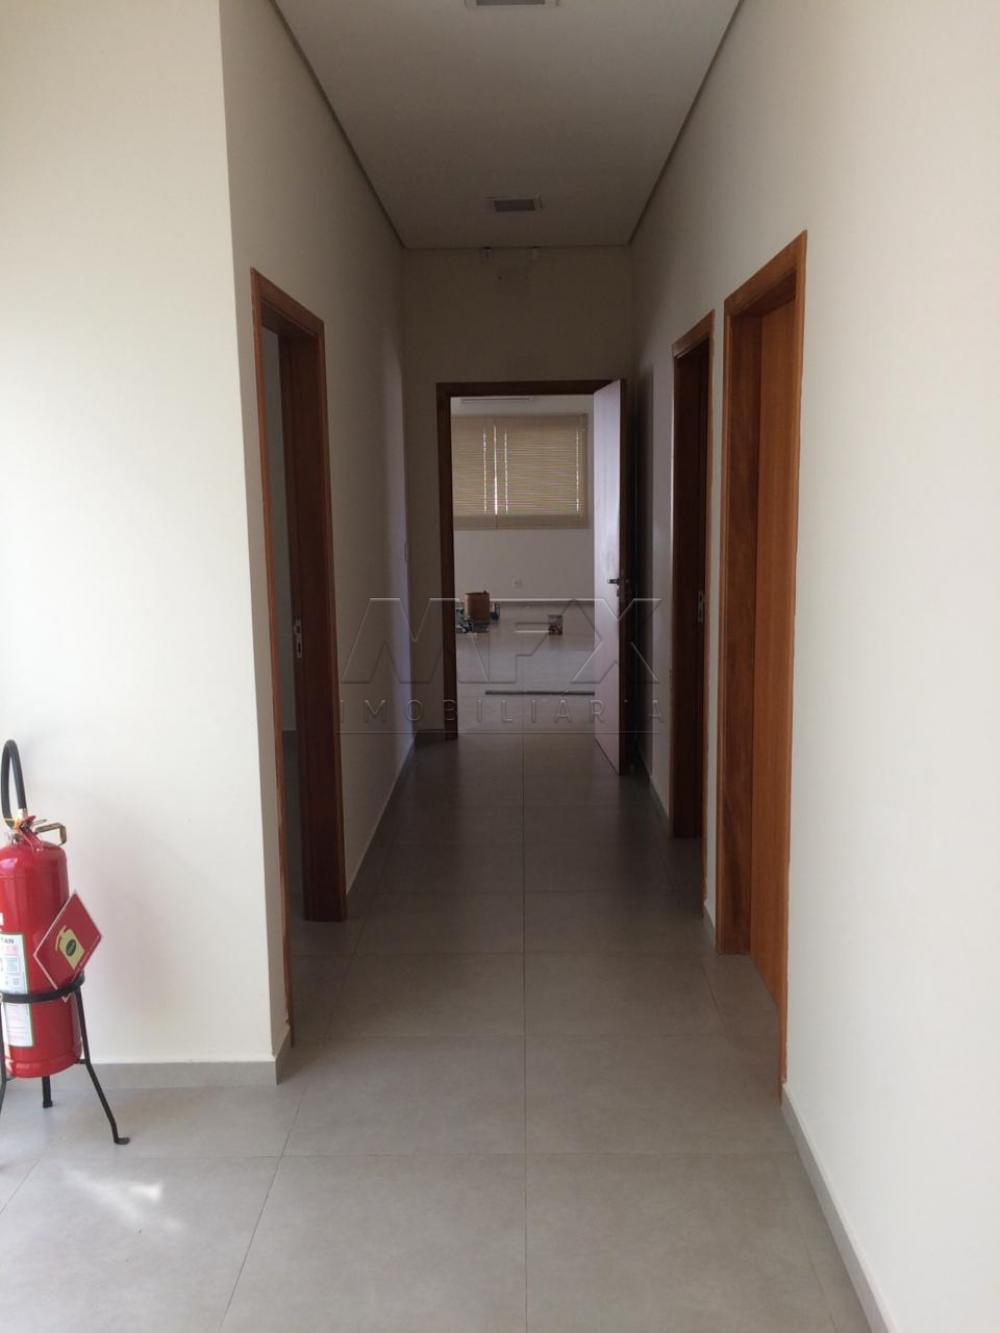 Alugar Comercial / Ponto Comercial em Bauru R$ 6.500,00 - Foto 13